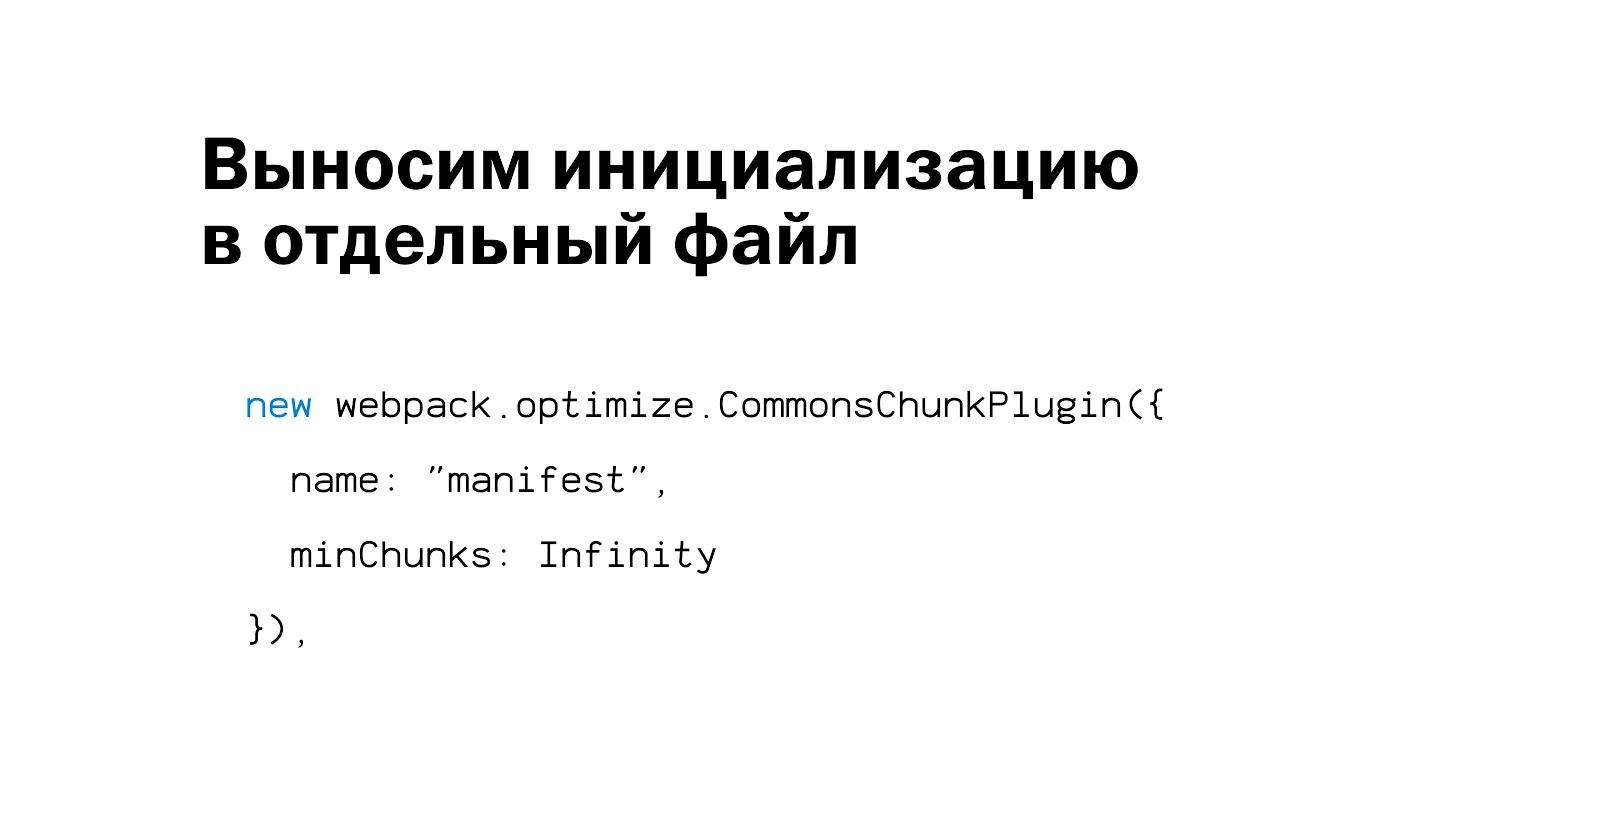 Внутреннее устройство и оптимизация бандла webpack - 45